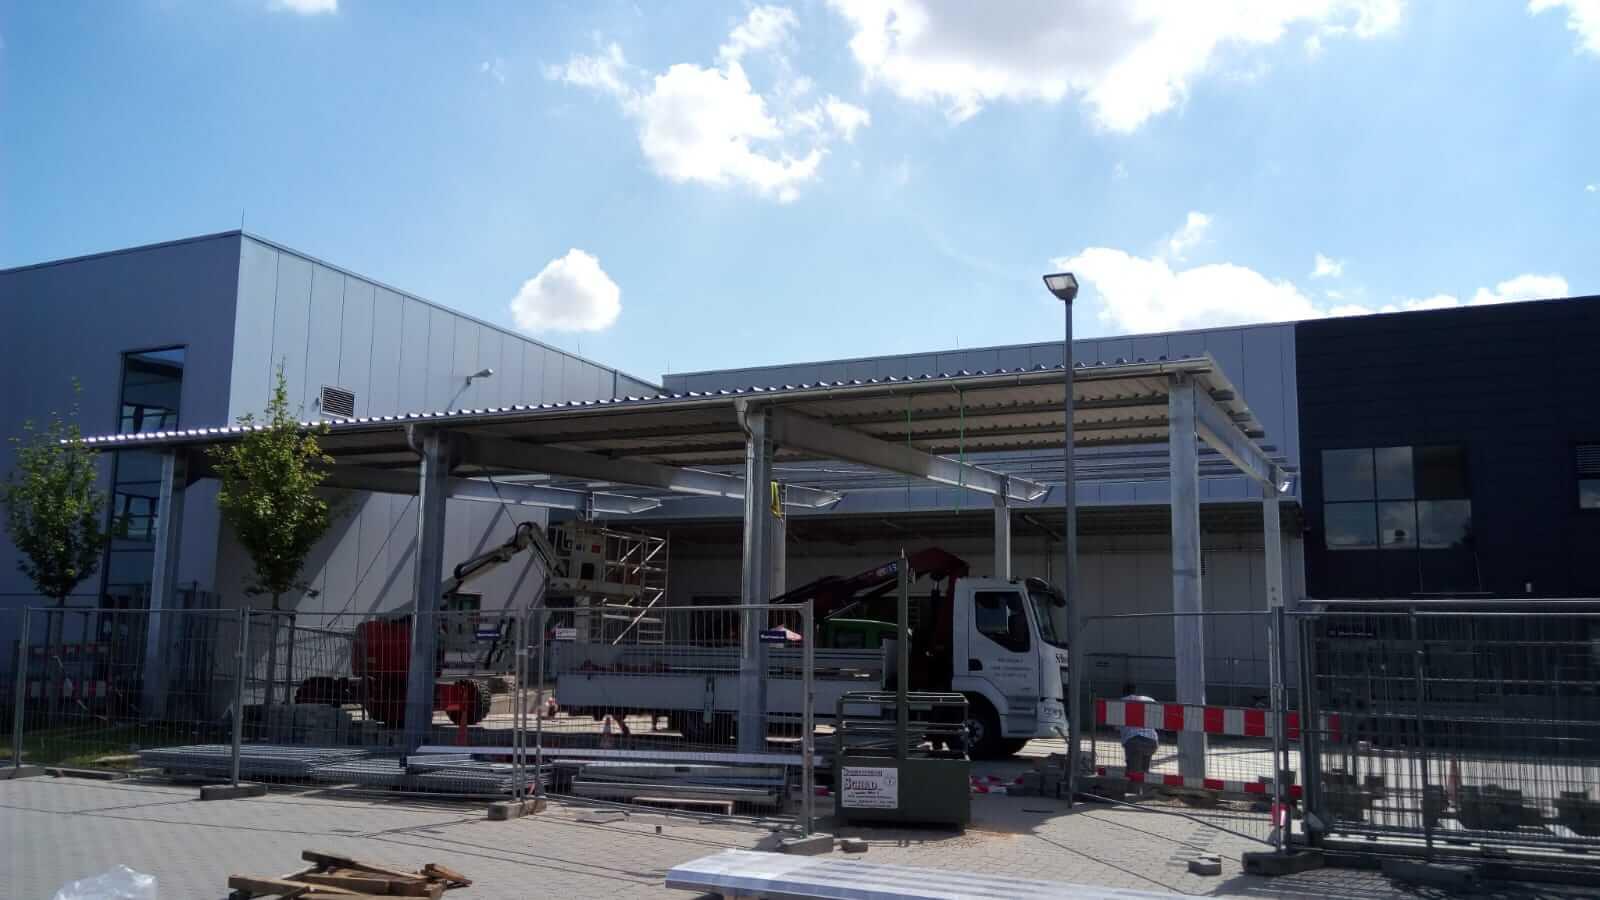 Hofüberdachung aus Stahl: Dachbleche sind zur Hälfte montiert